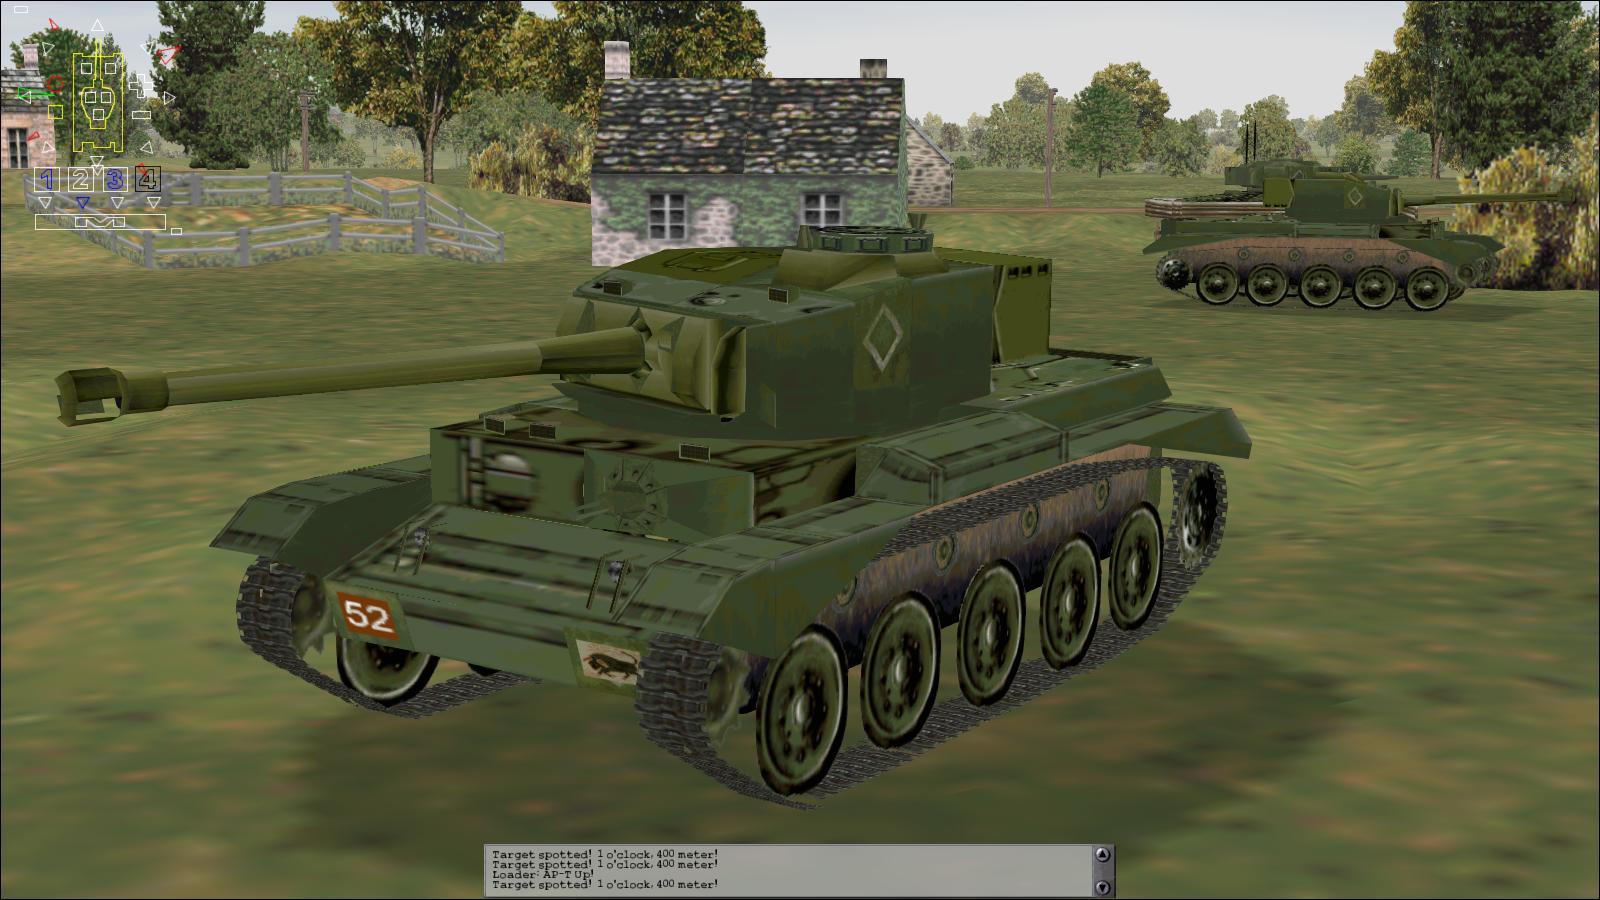 Panzer Elite - Britpack 44-x - Comet